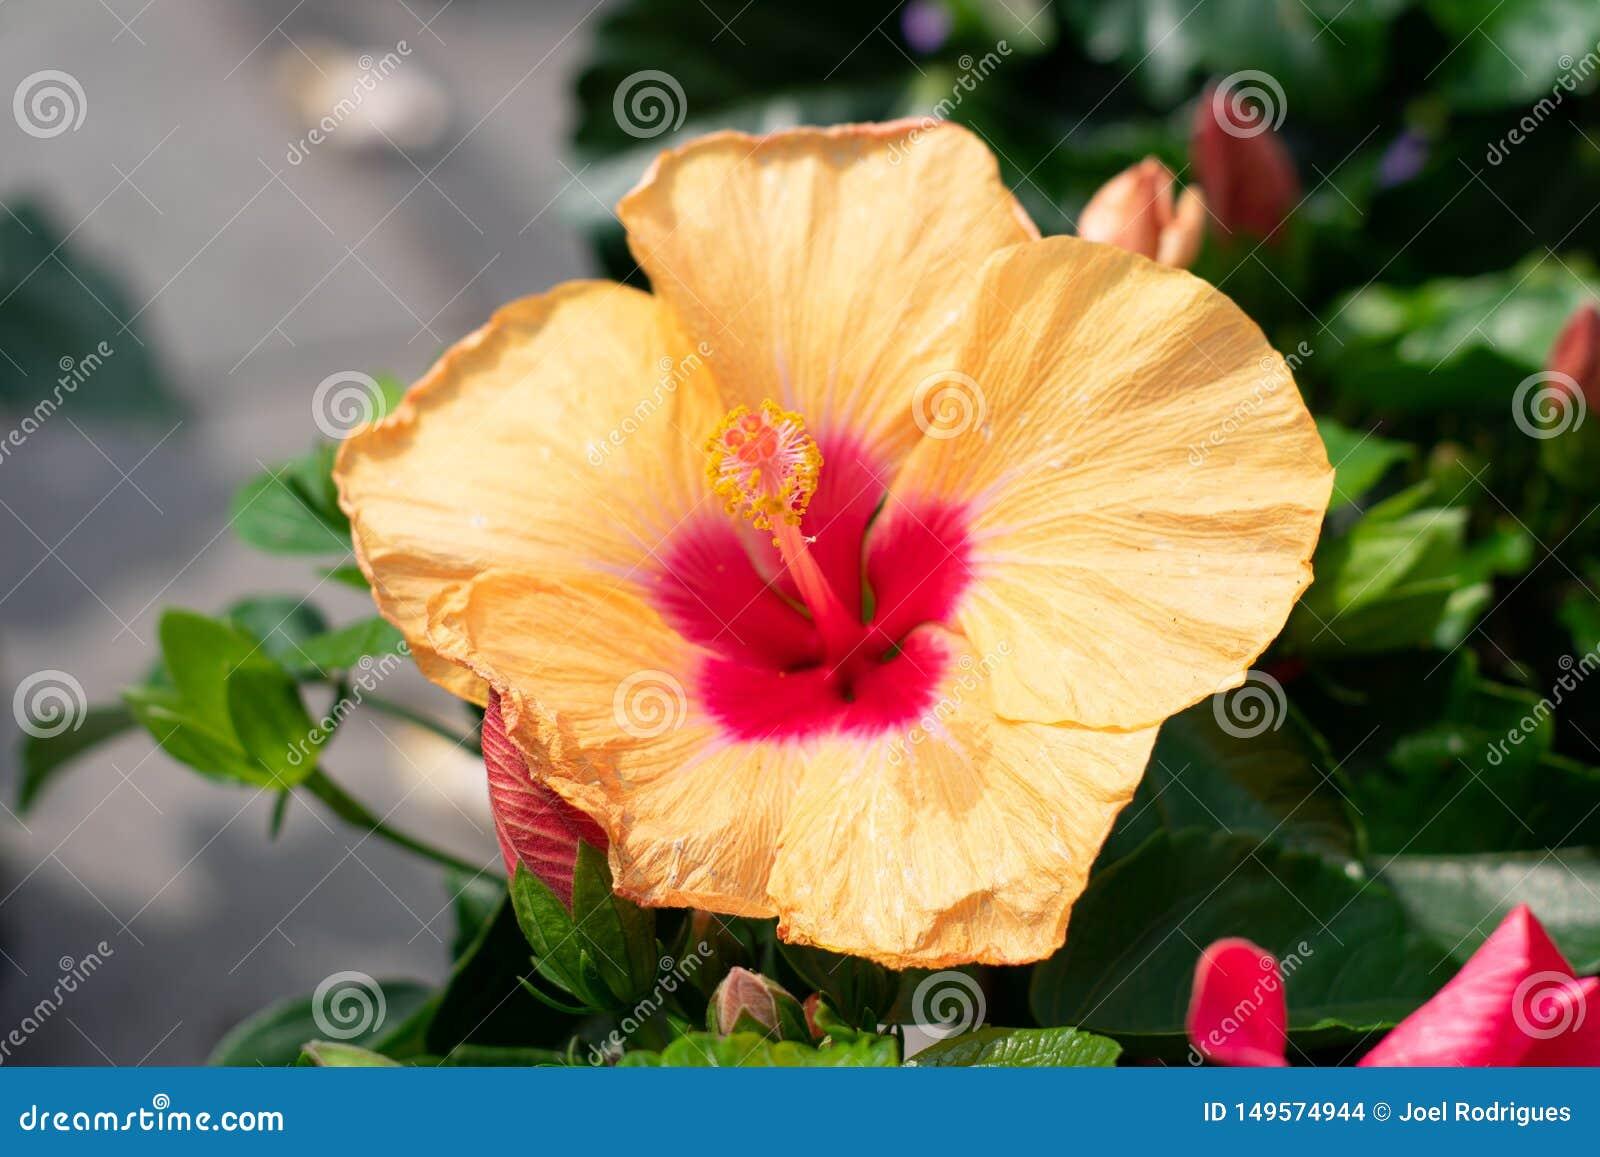 在盛开的黄色红色木槿花